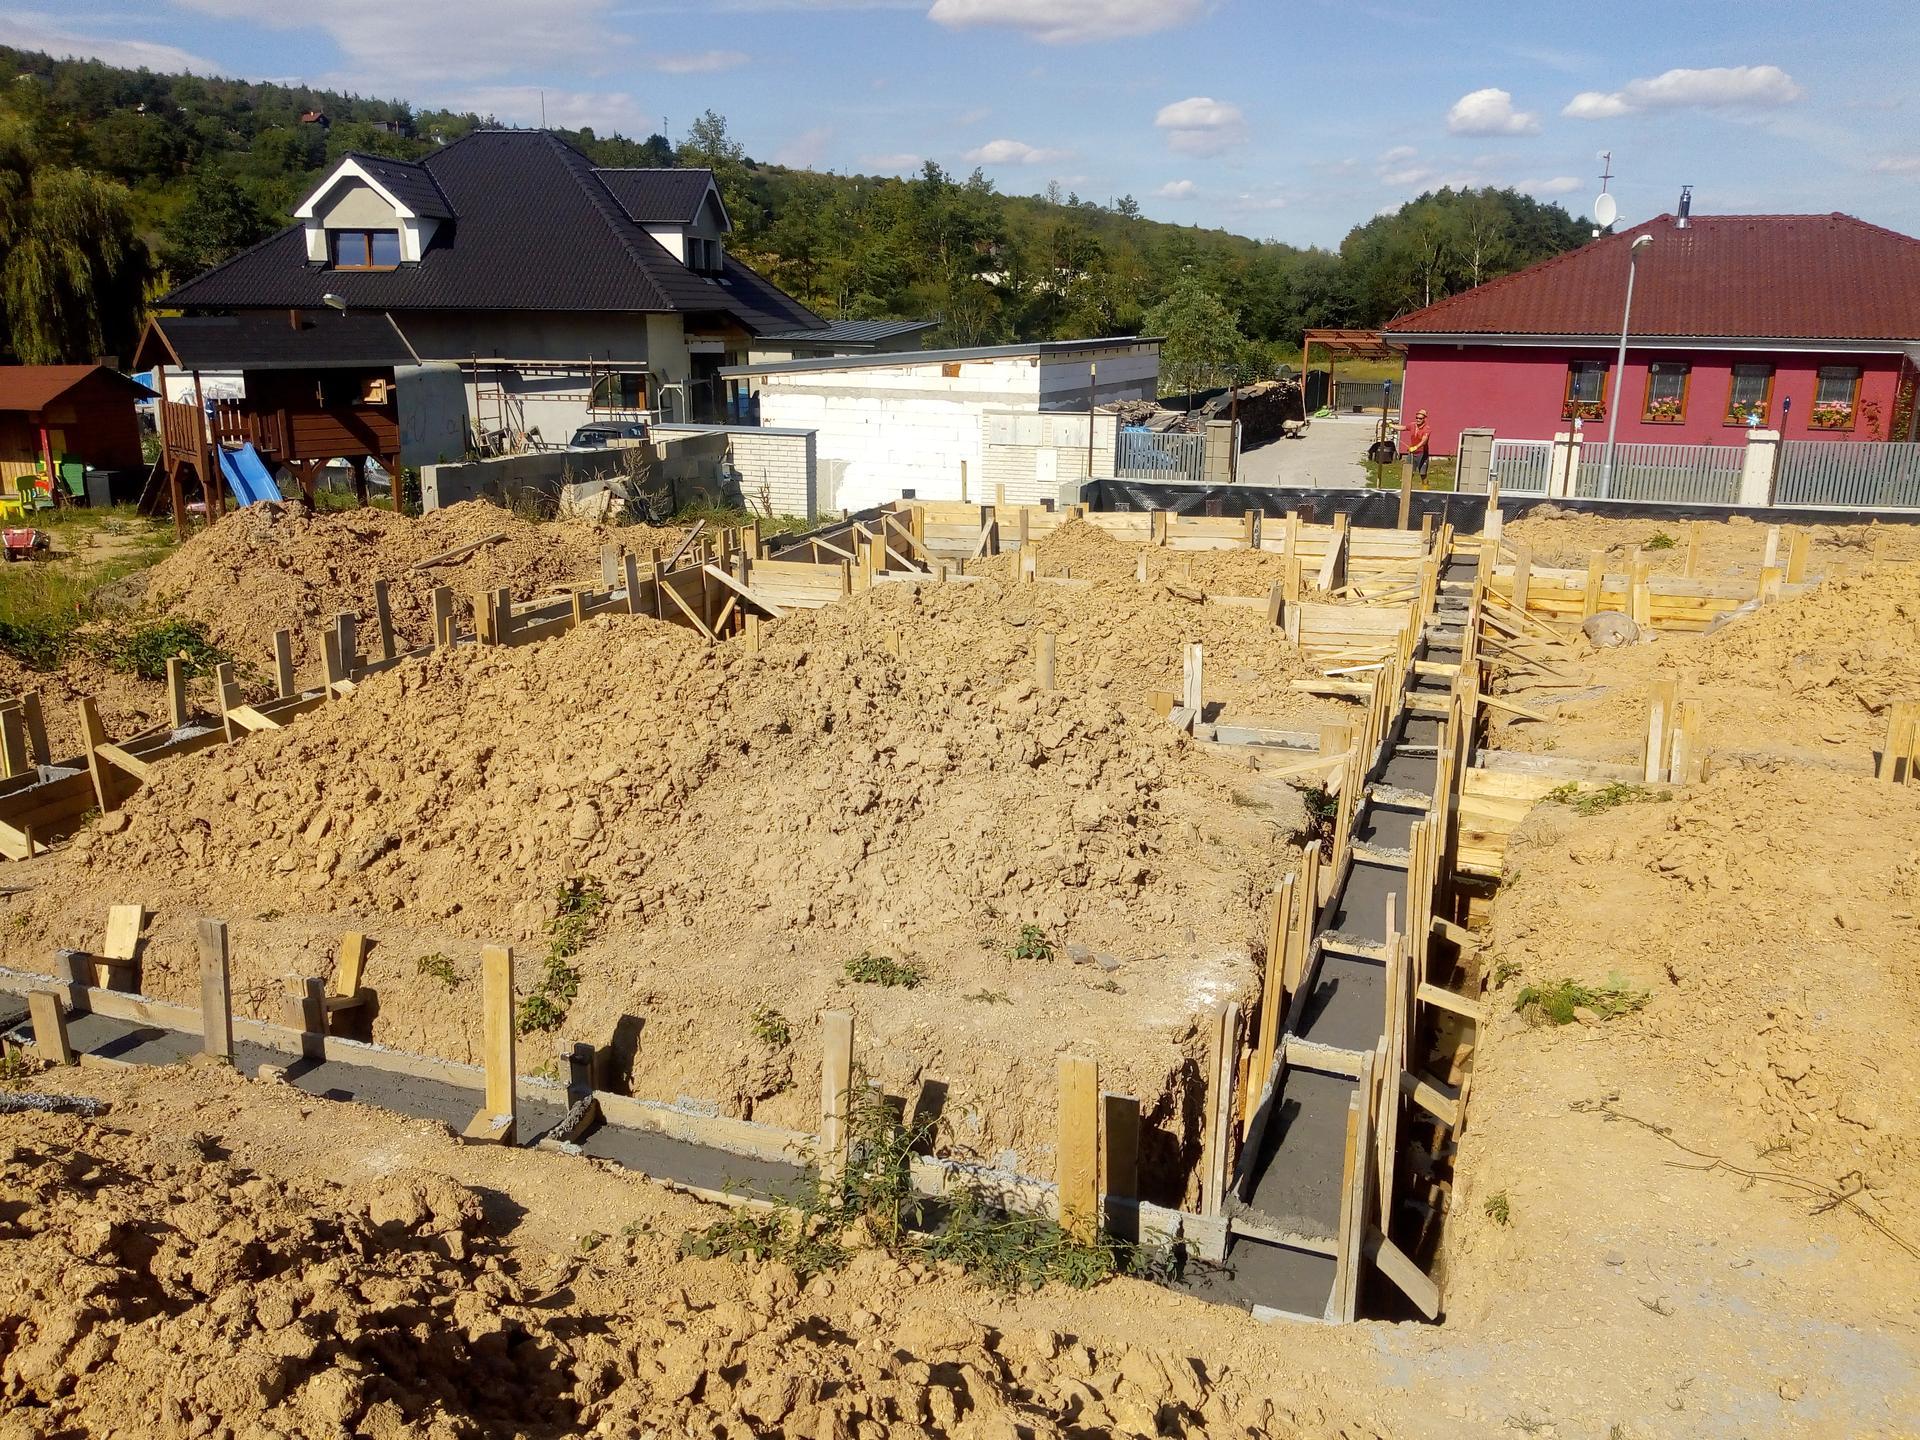 Příprava pozemku, bednění, základy, opěrka, bouda, plot - Obrázek č. 10